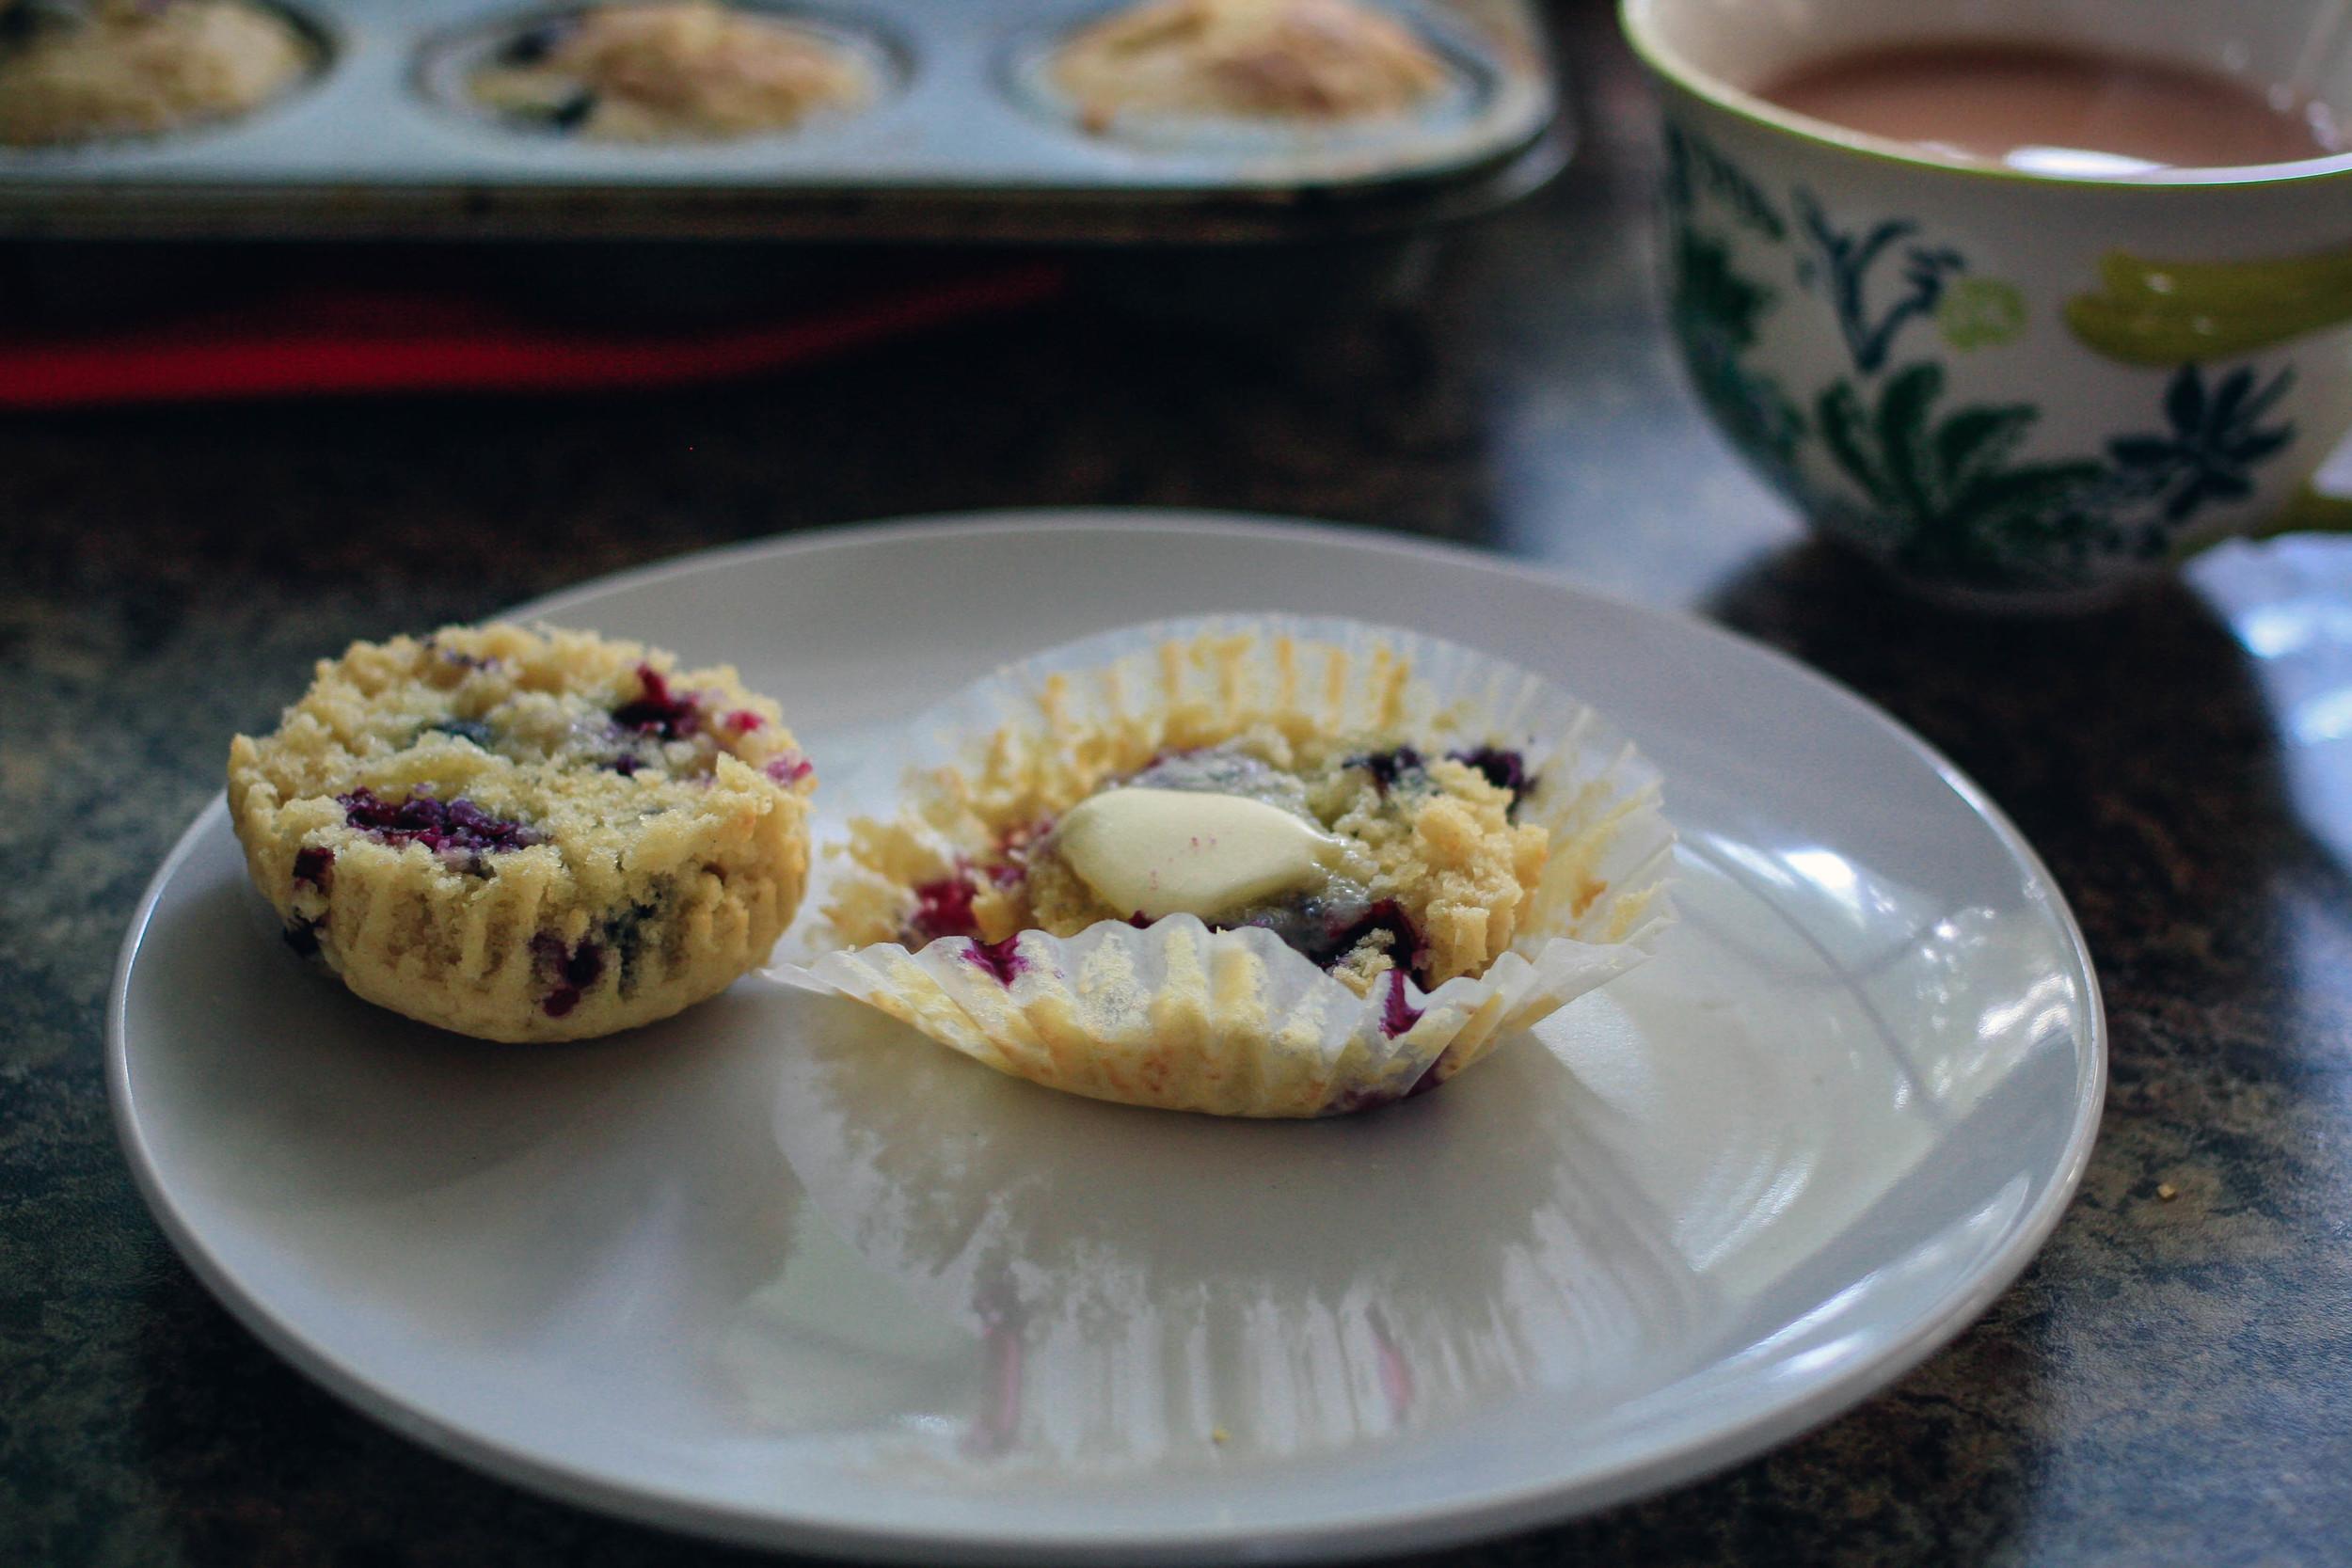 blueberrymuffin.jpg